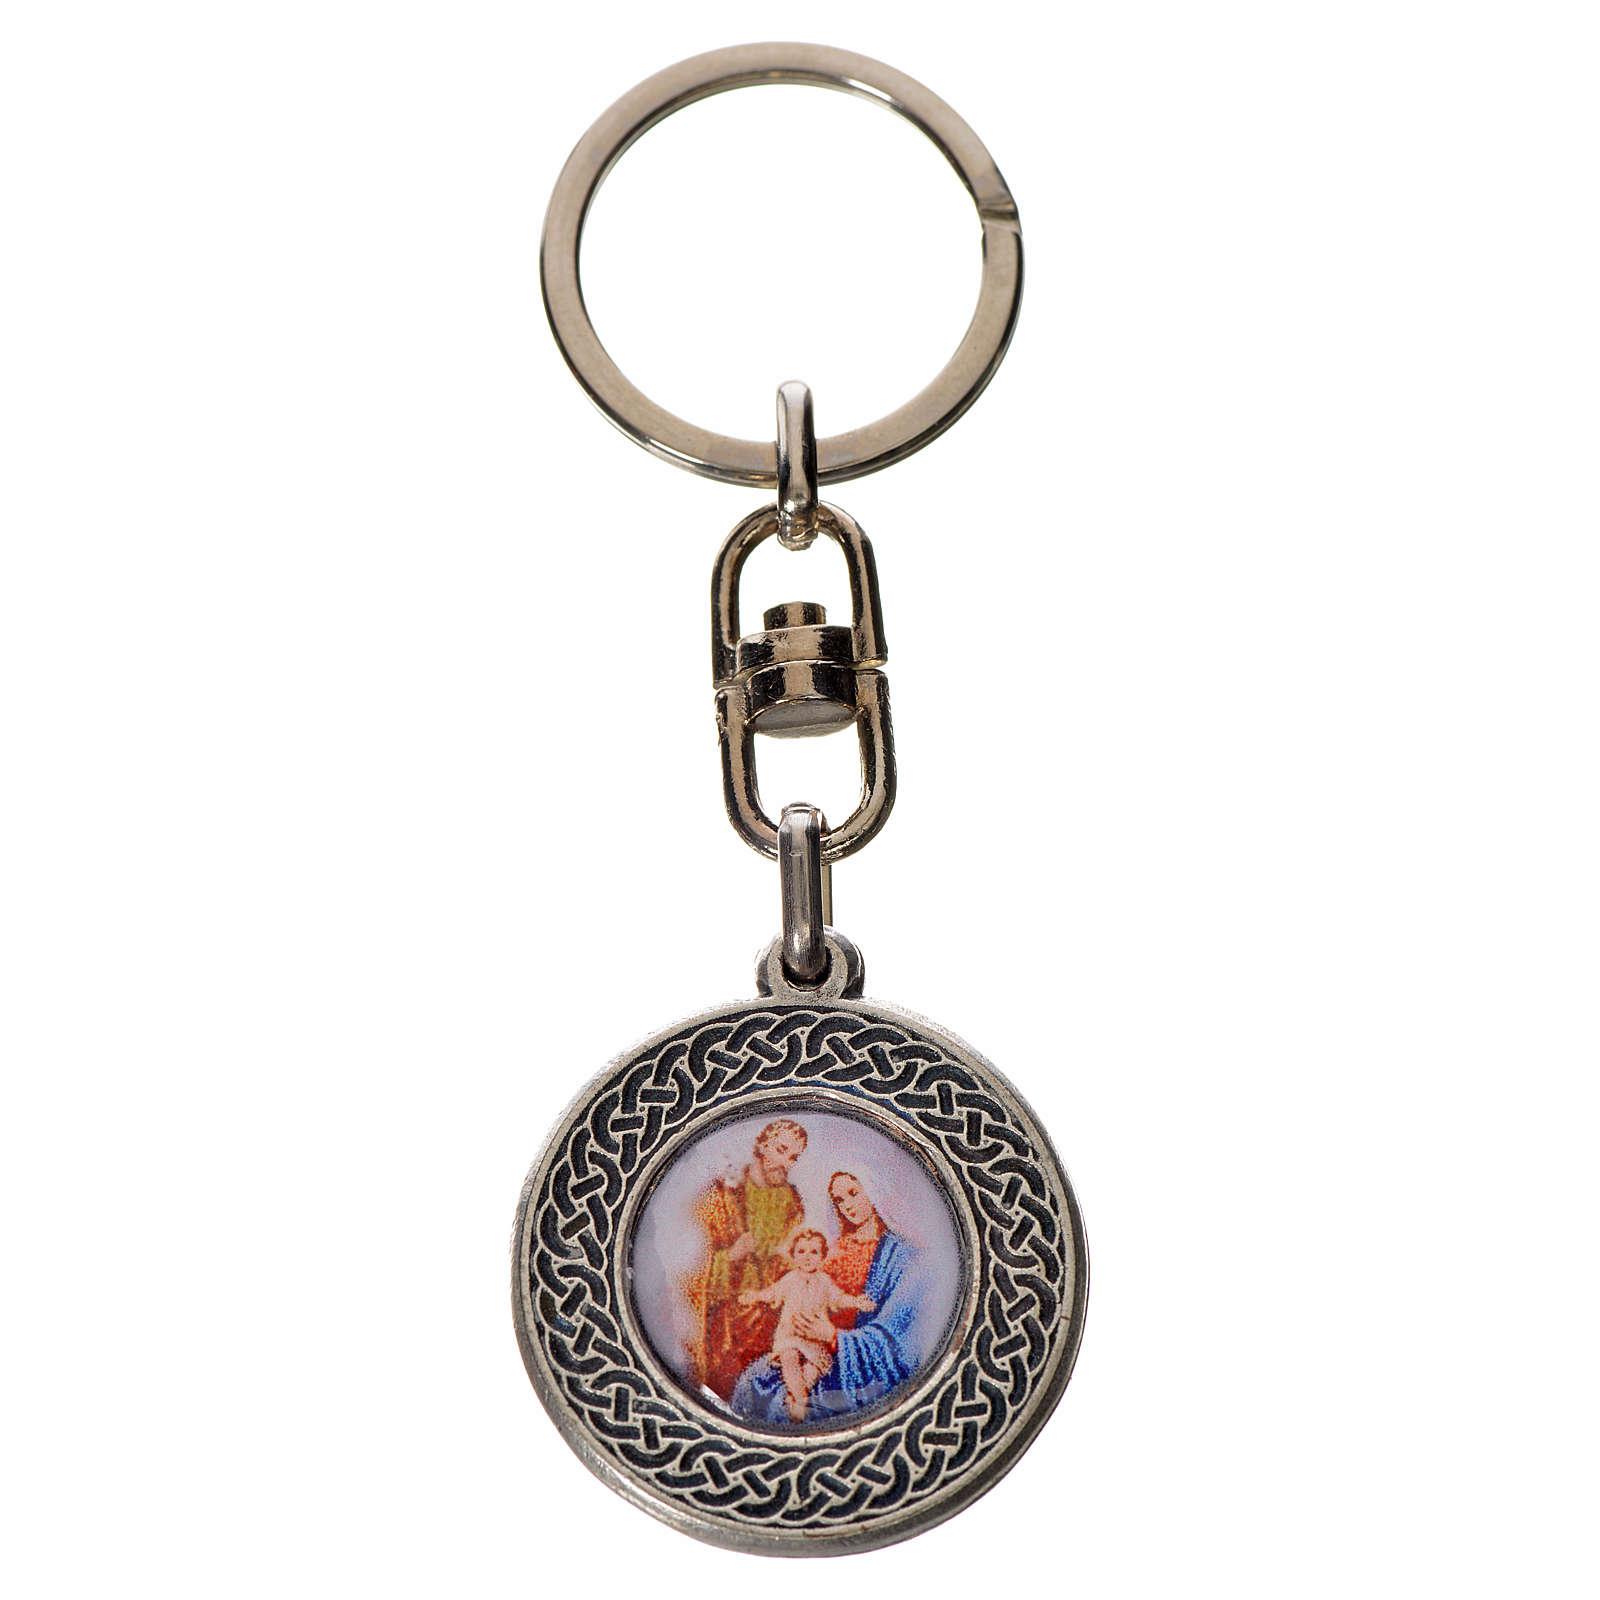 Keychain with Holy Family in zamak, round 3